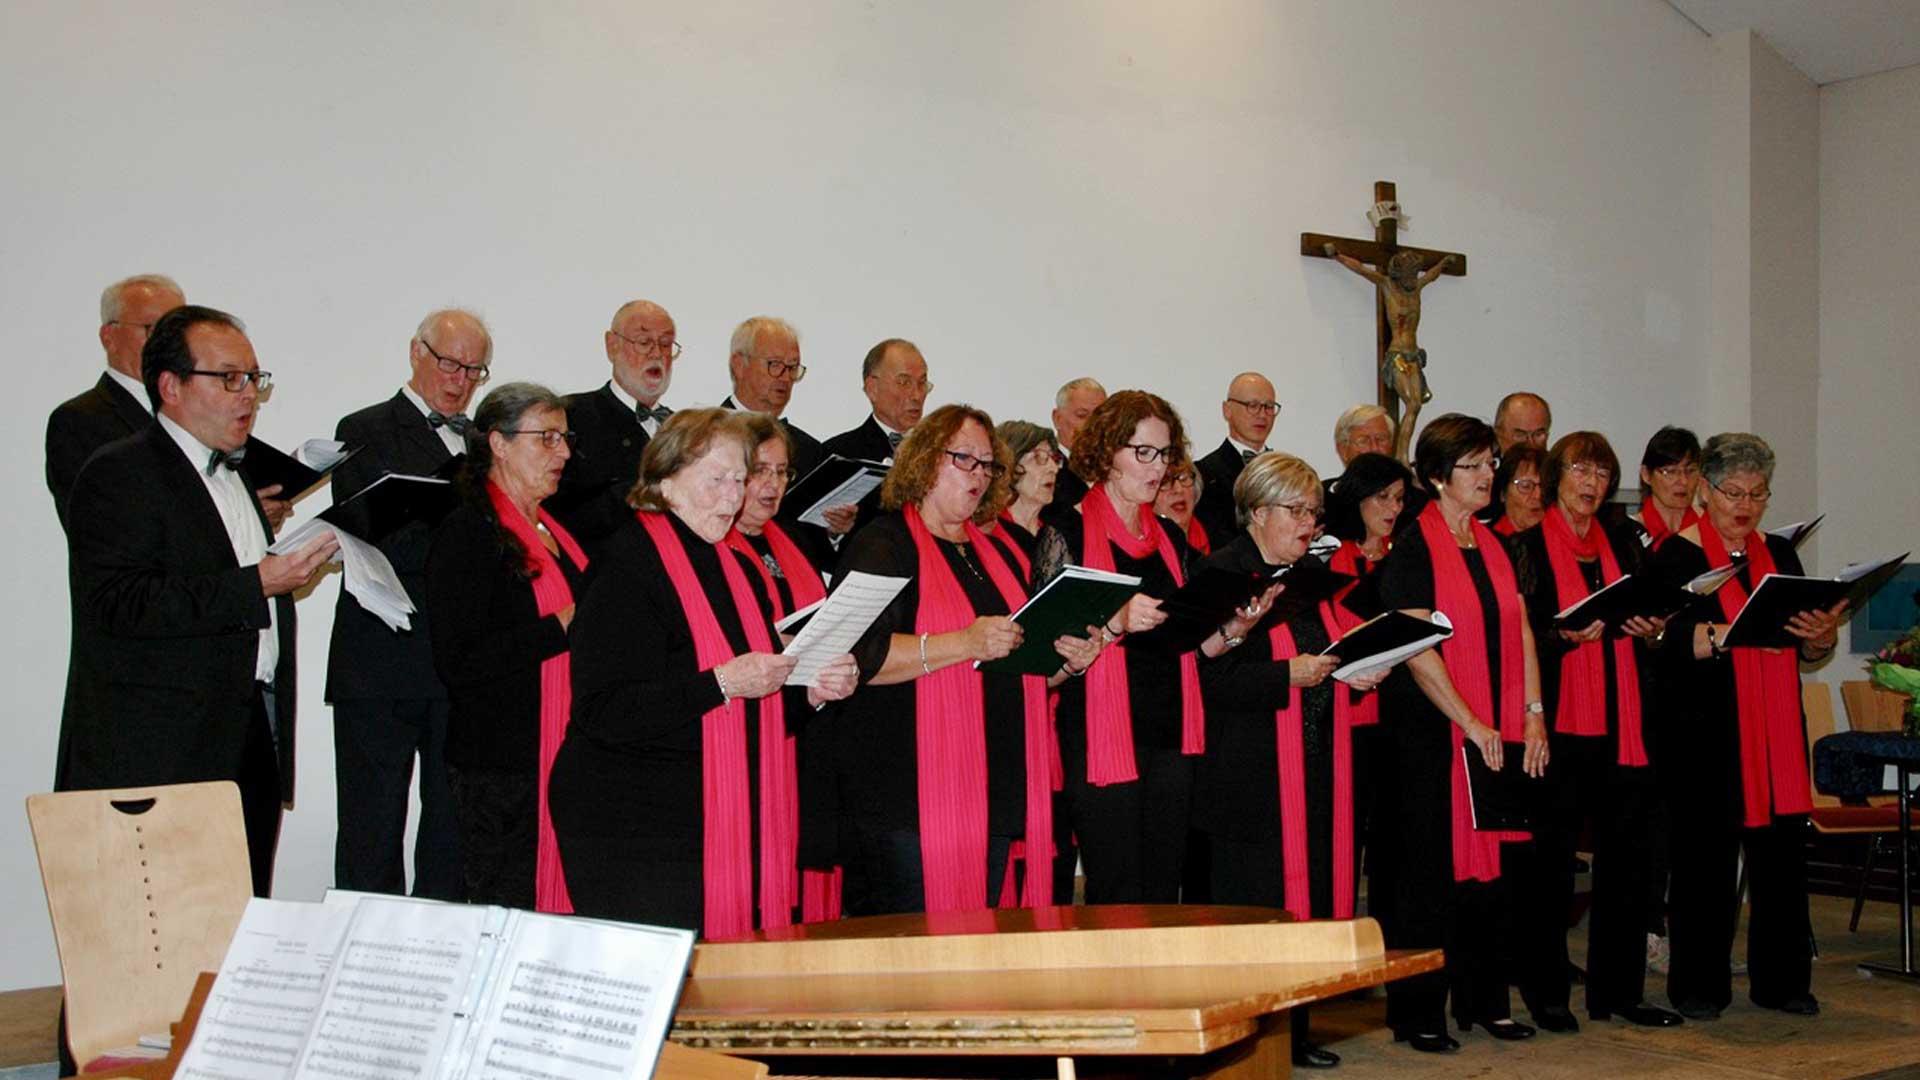 Chorgemeinschaft Liederkranz Krumbach 1862 e.V. Konzert